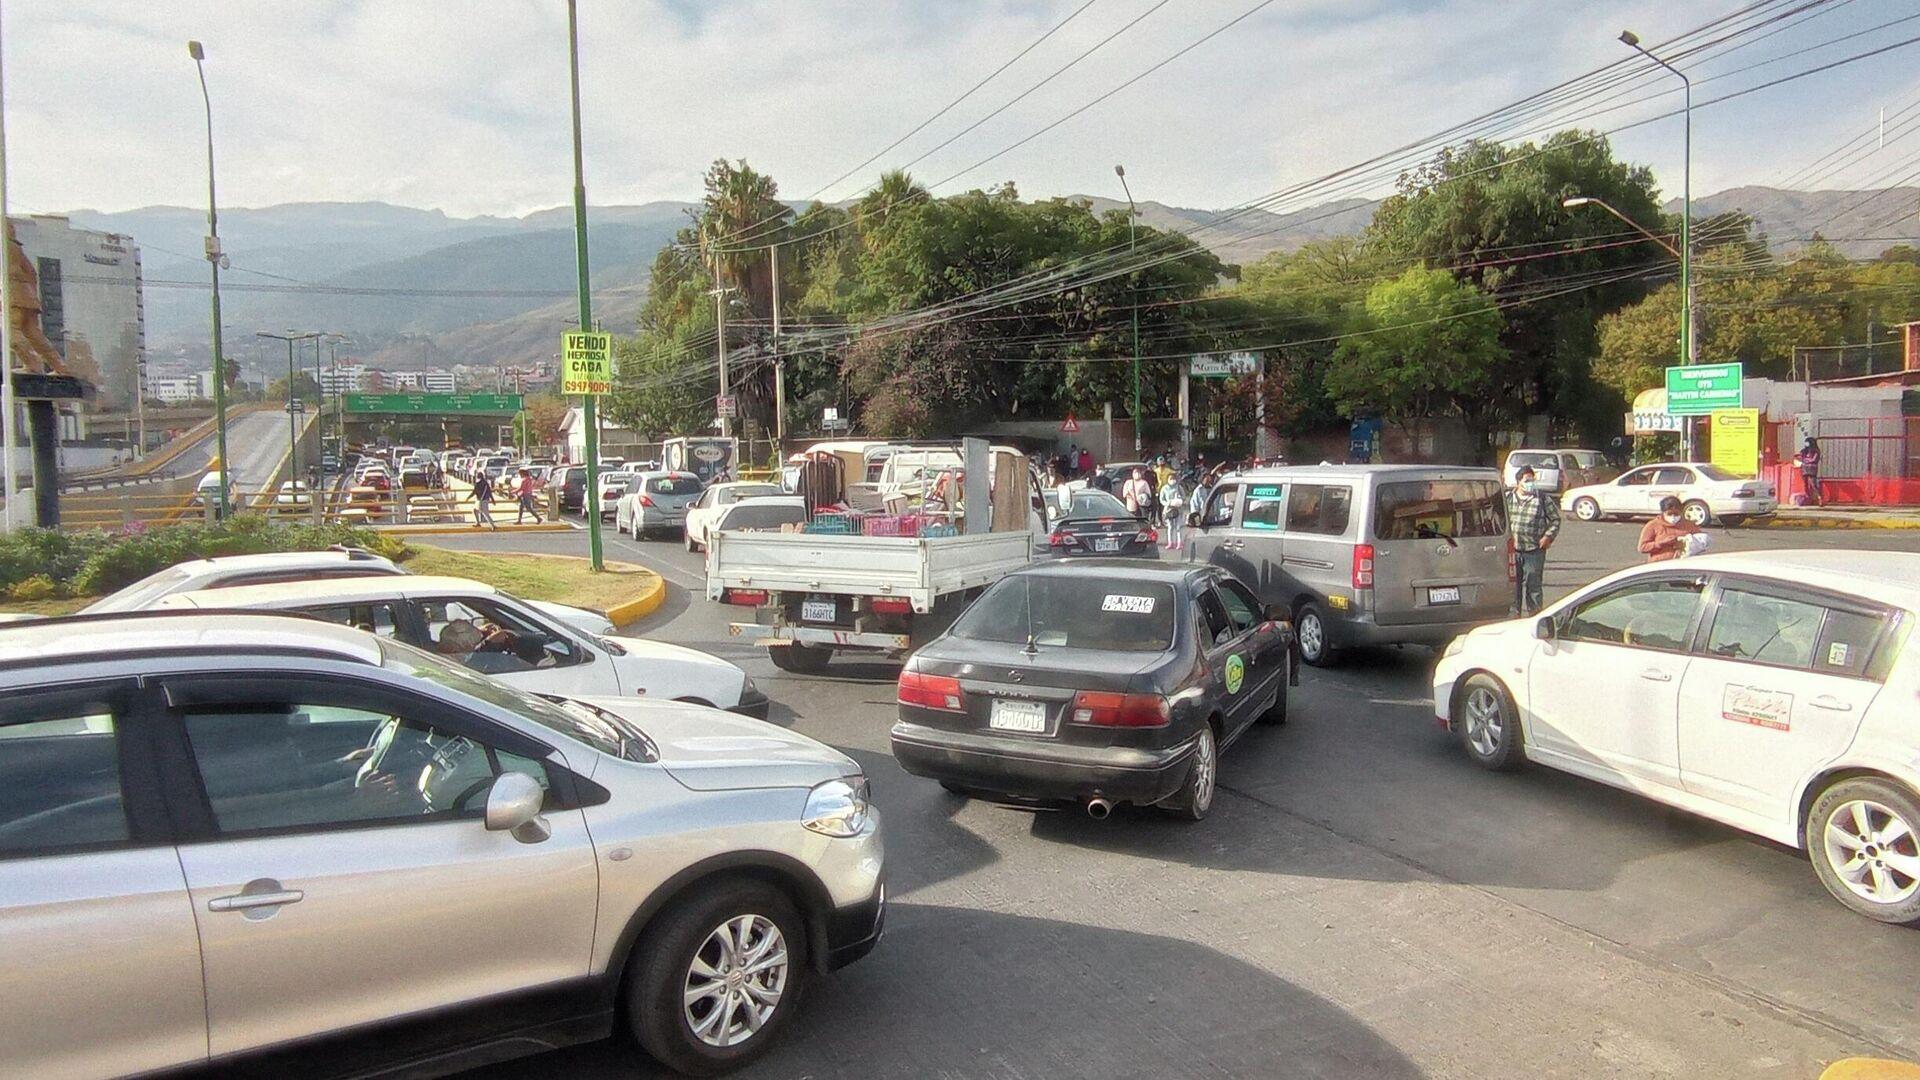 Viernes 11 de junio, 15:57. Faltan tres minutos para el inicio del encapsulamiento, que se extenderá hasta el amanecer del lunes 14. En el distribuidor Muyurina se aglomeran los autos que abandonan la ciudad de Cochabamba y se dirigen al municipio lindero de Sacaba. - Sputnik Mundo, 1920, 14.08.2021